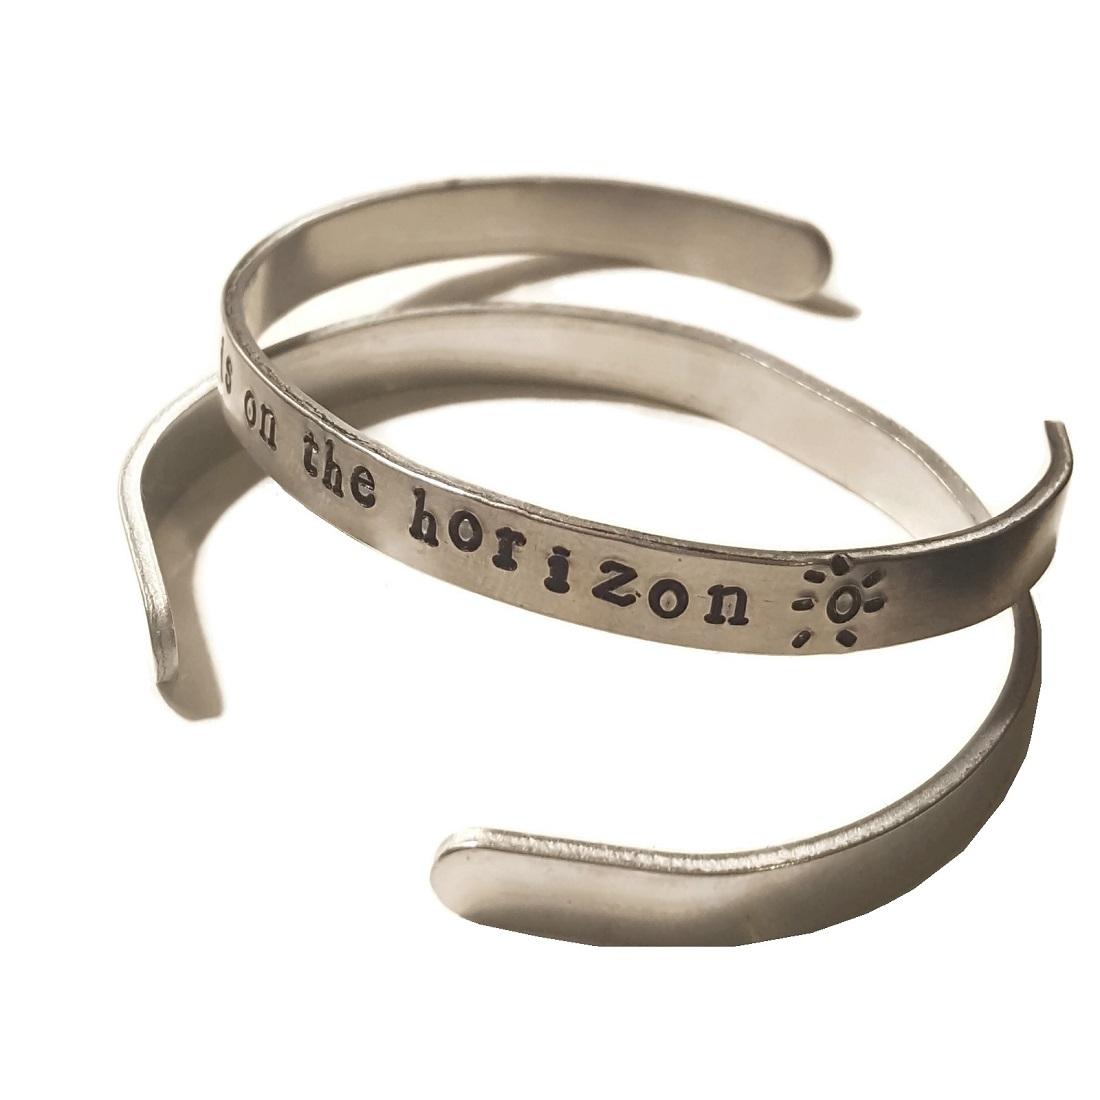 new day on the horizon bracelet cebette.com